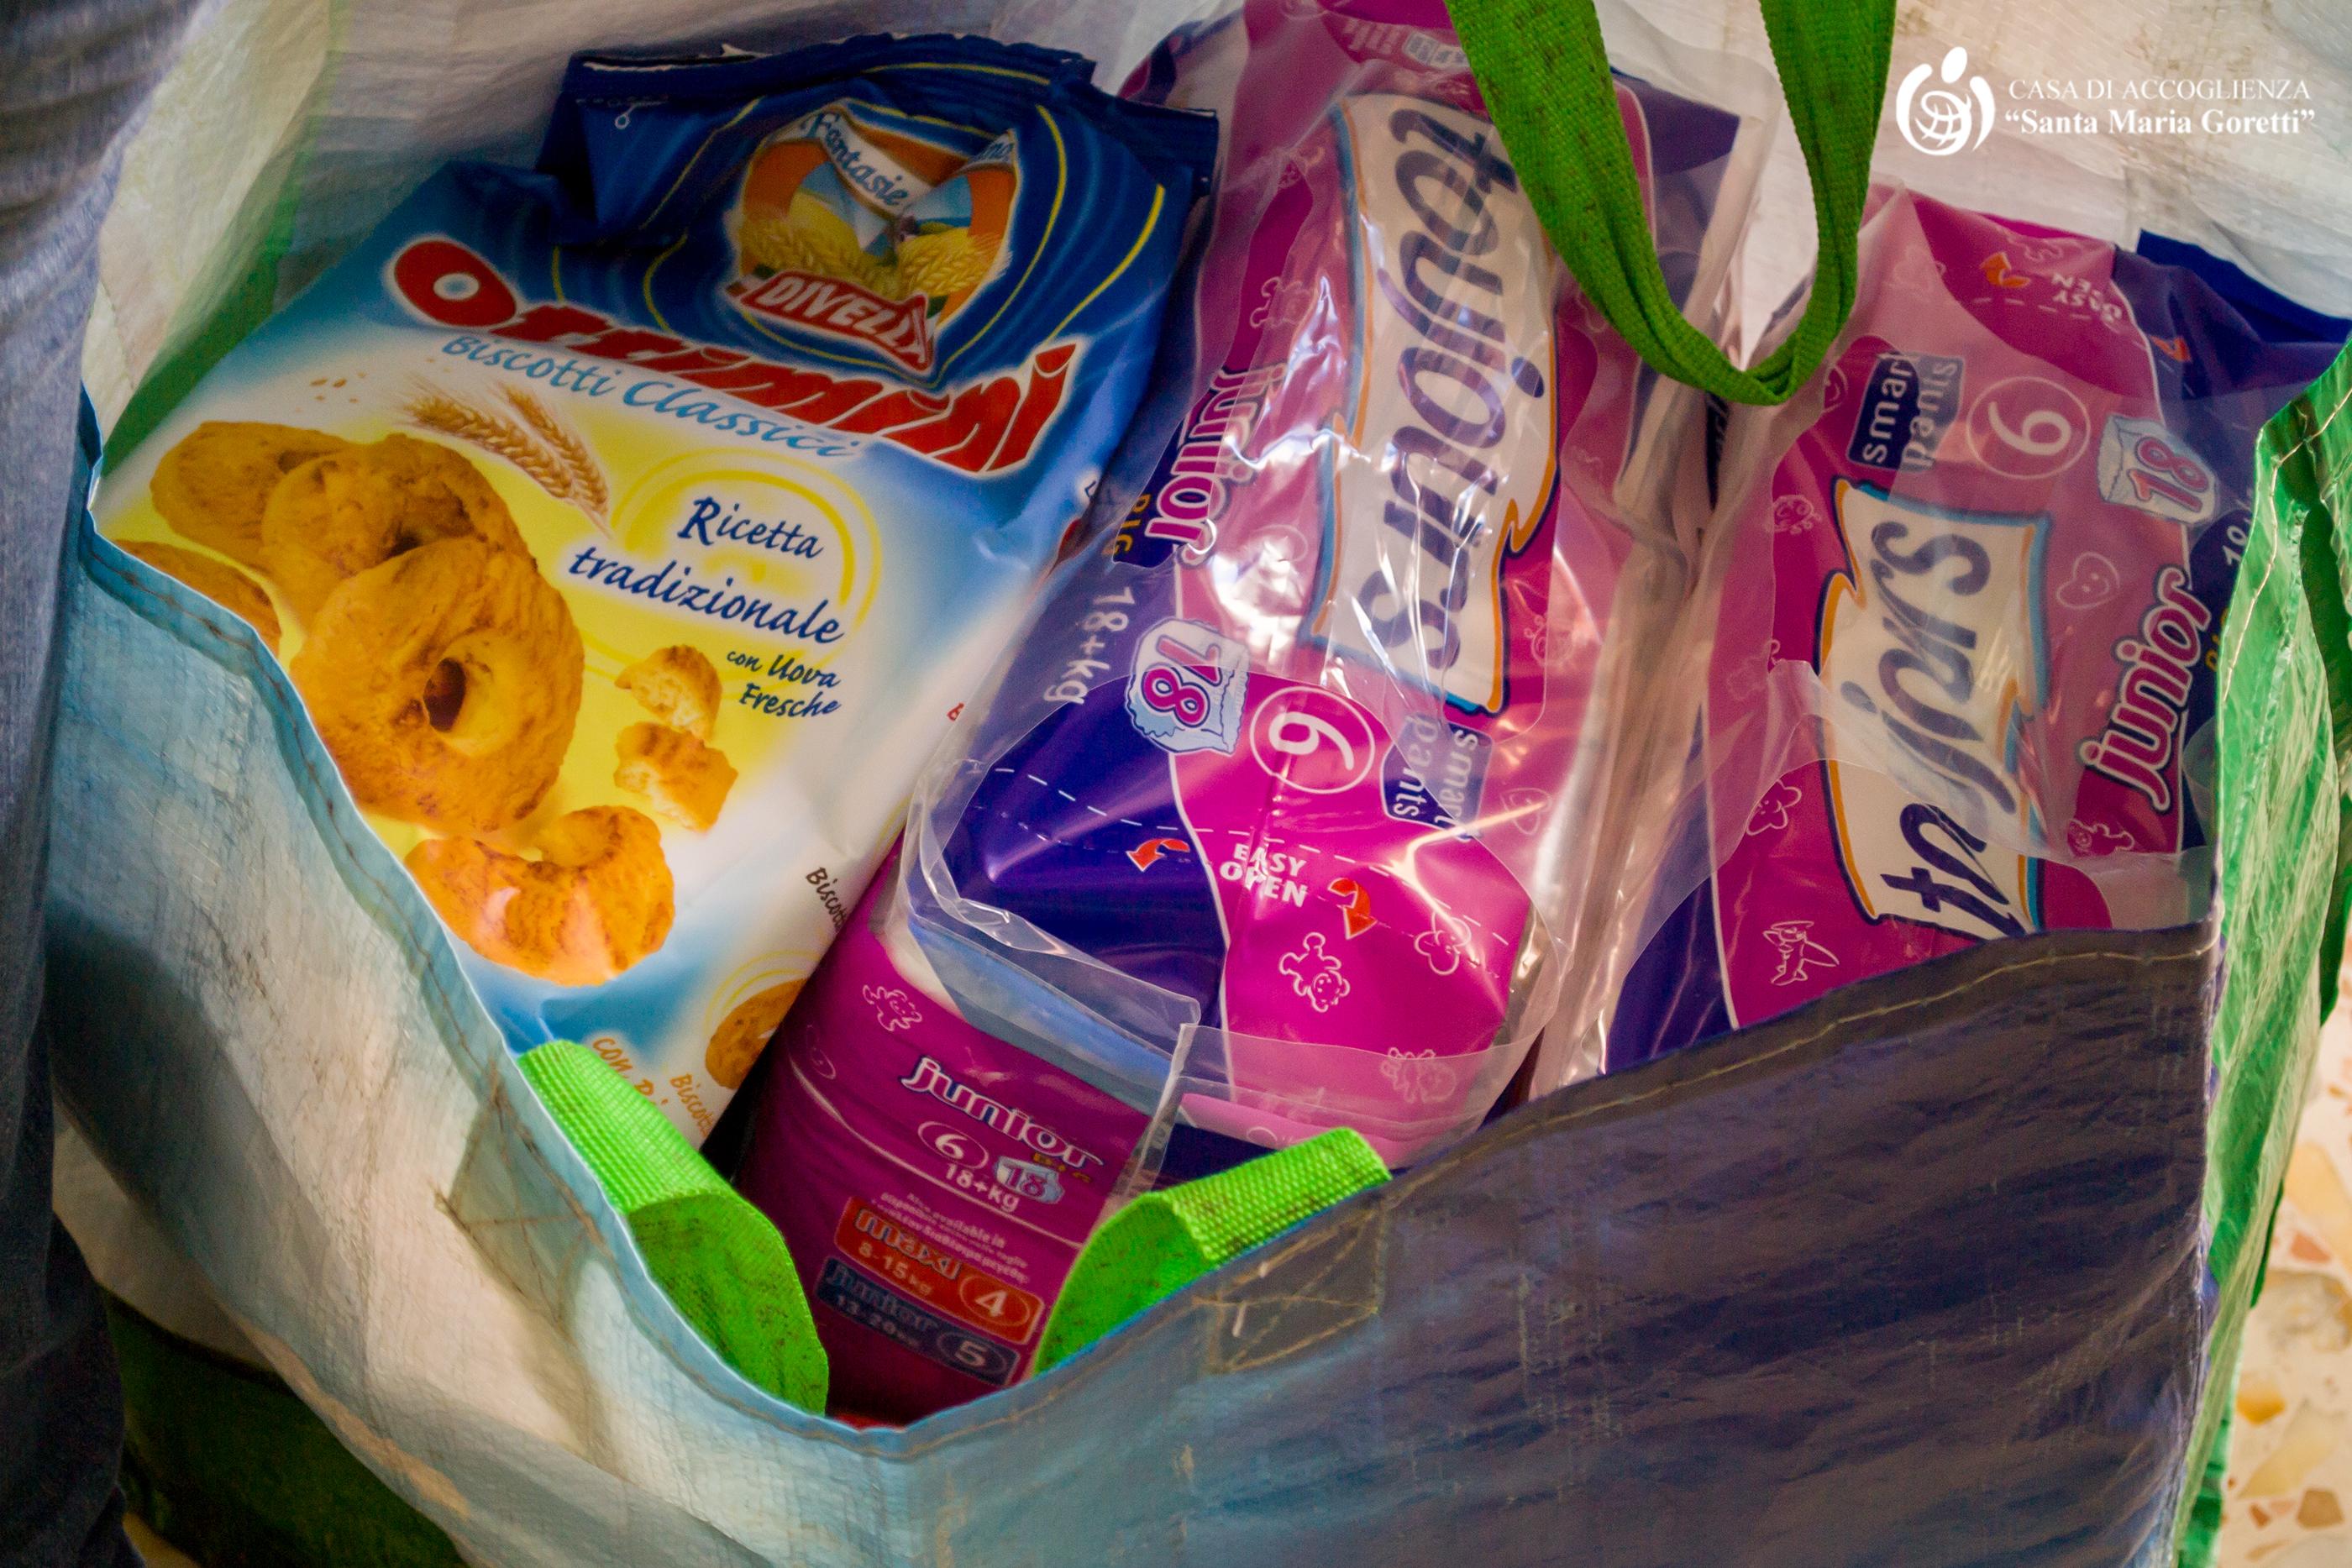 Sacchetto viveri per adulti e neonati - Casa accoglienza Santa Maria Goretti - Andria (BT)